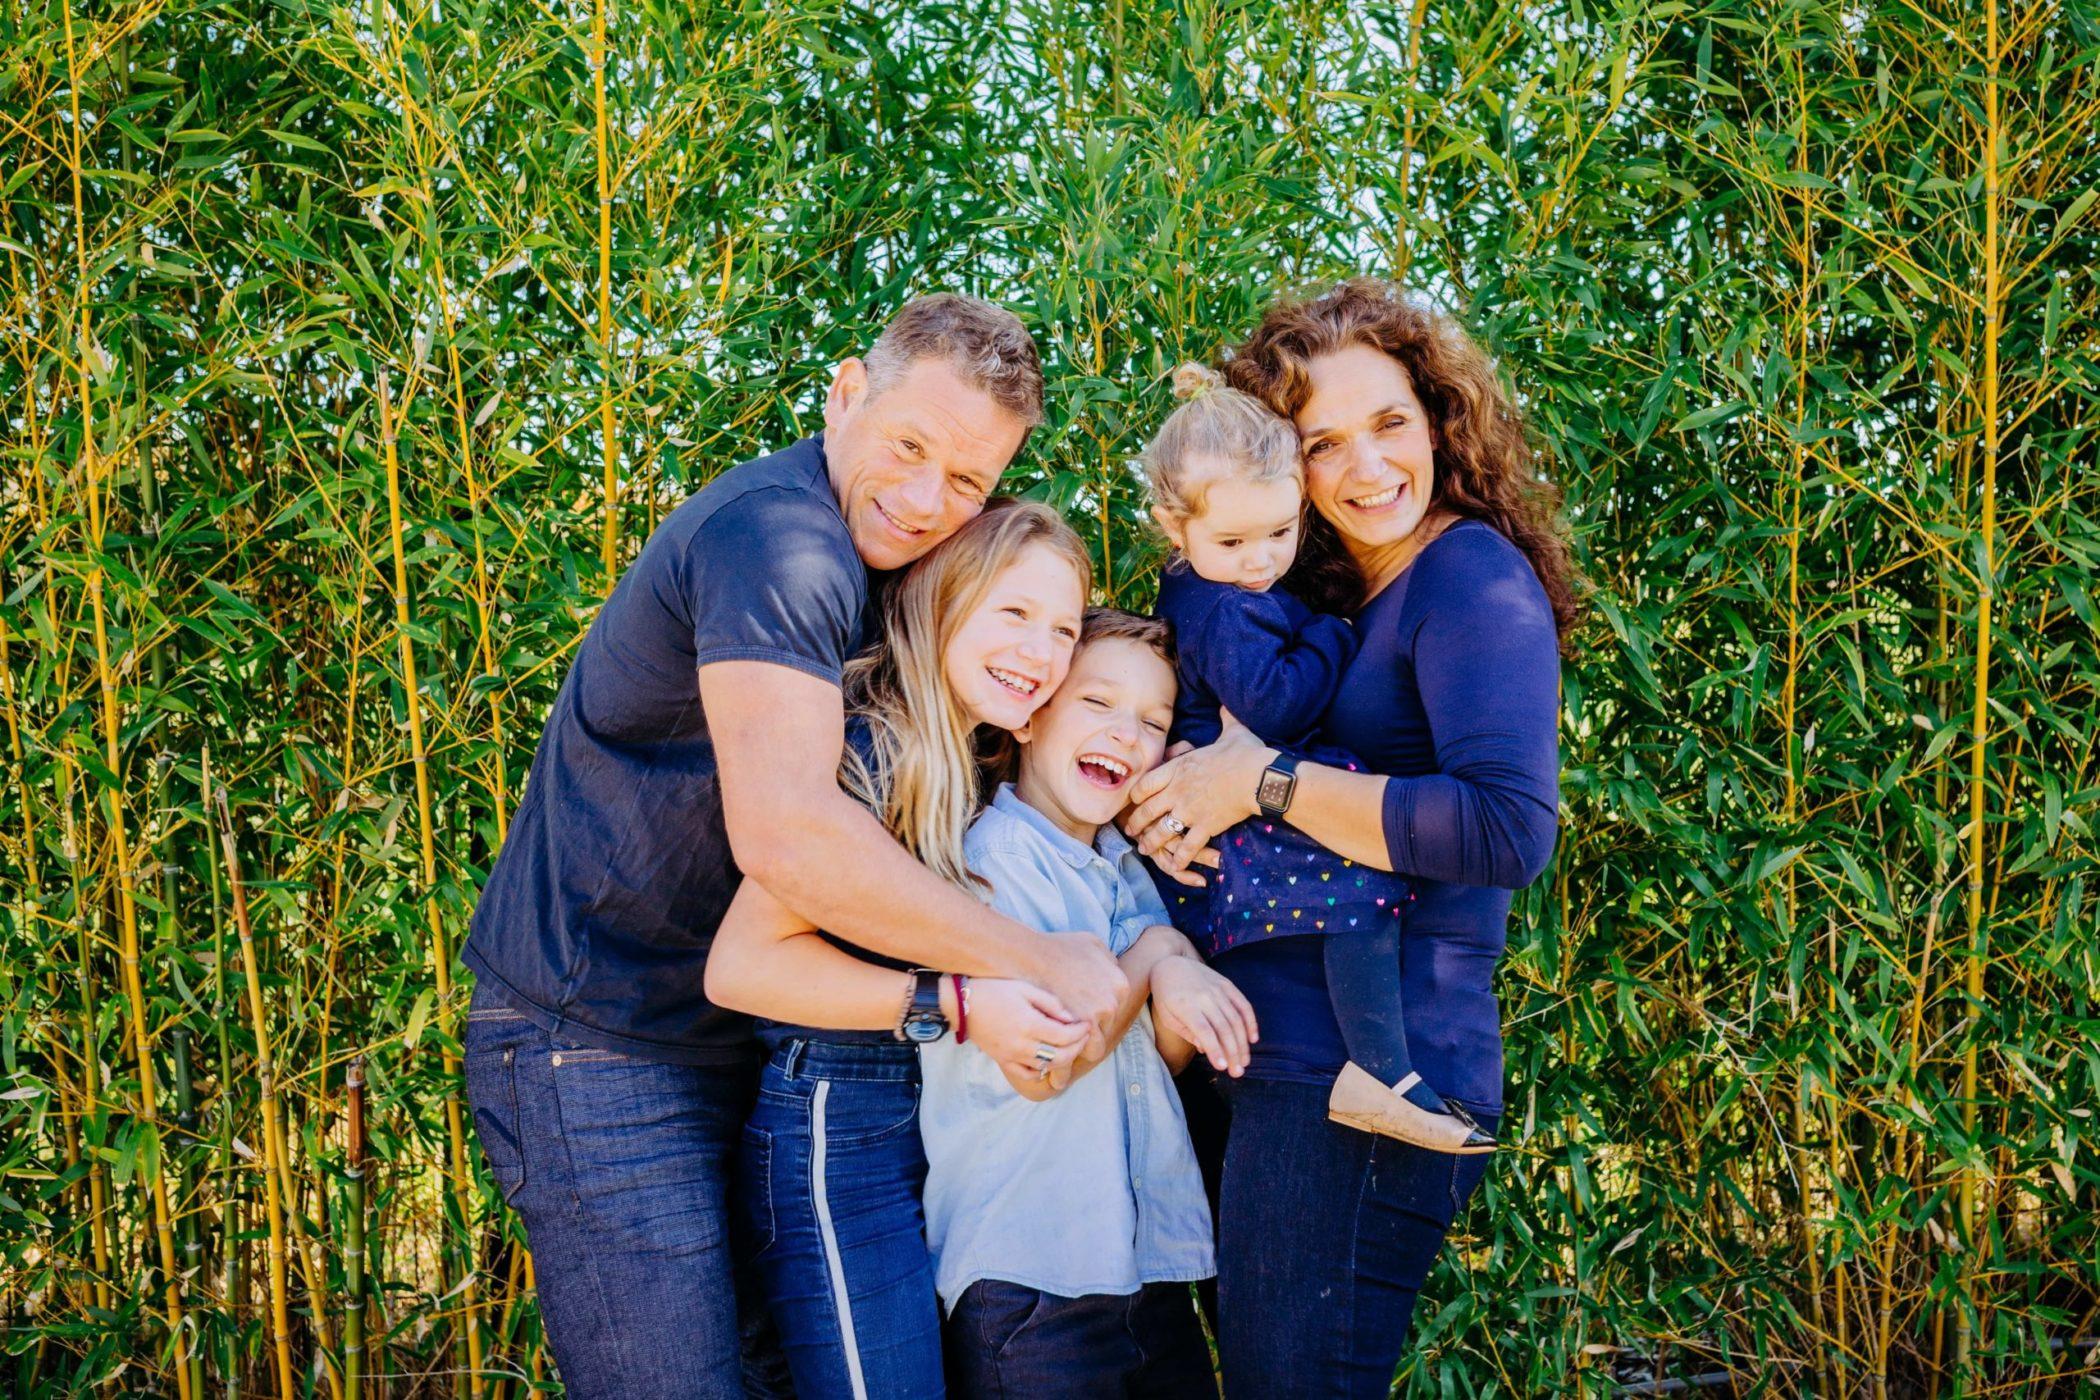 photographe famille launaguet fenouillet